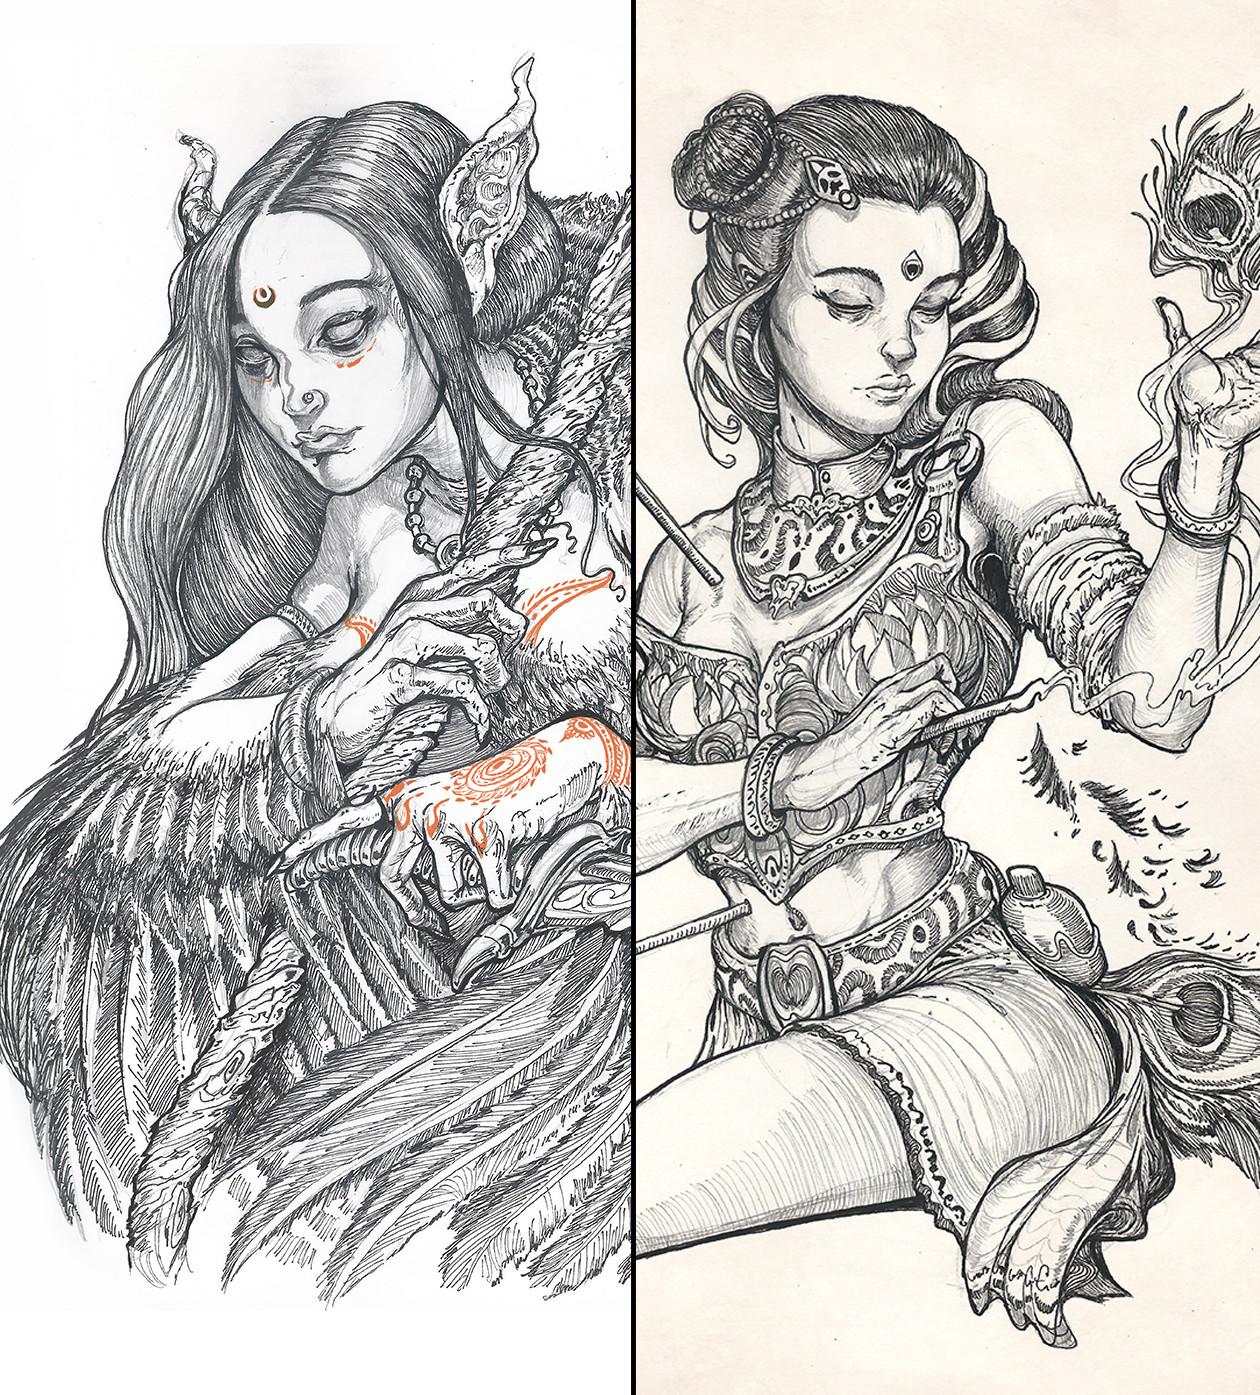 Sketchbook pages - 7